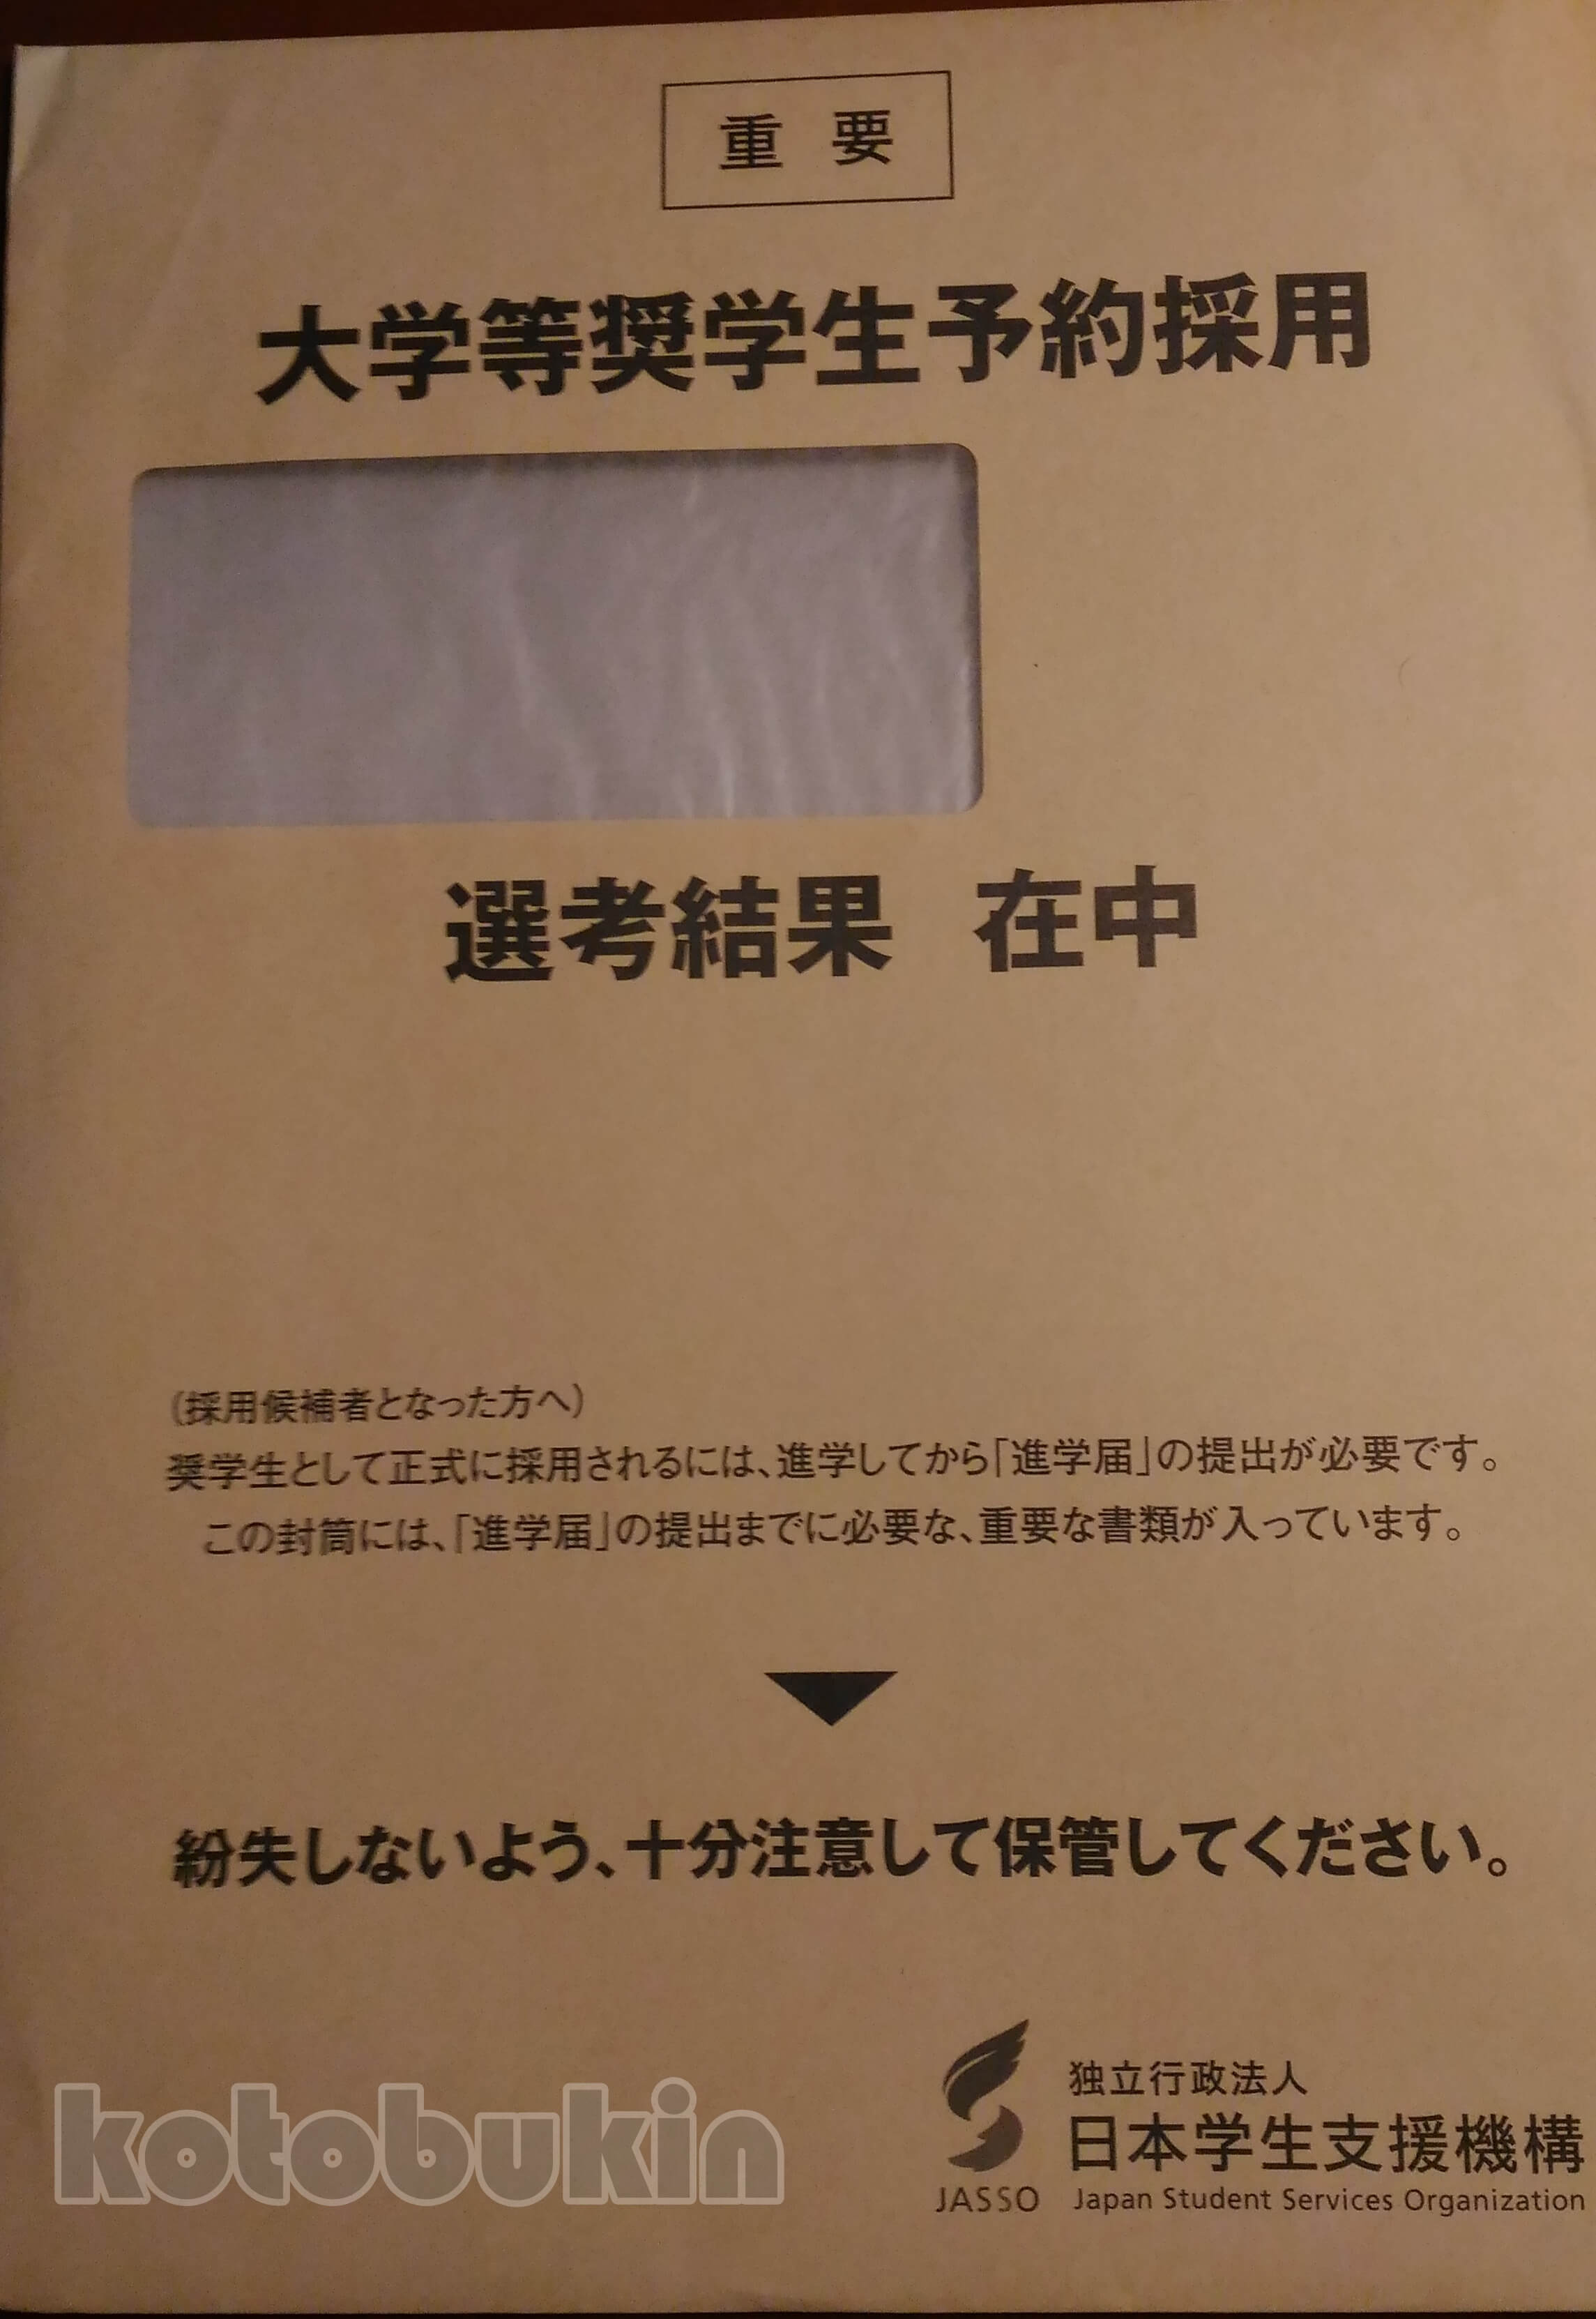 奨学金 日本学生支援機構 の予約採用の結果はいつ分かる 決定通知の